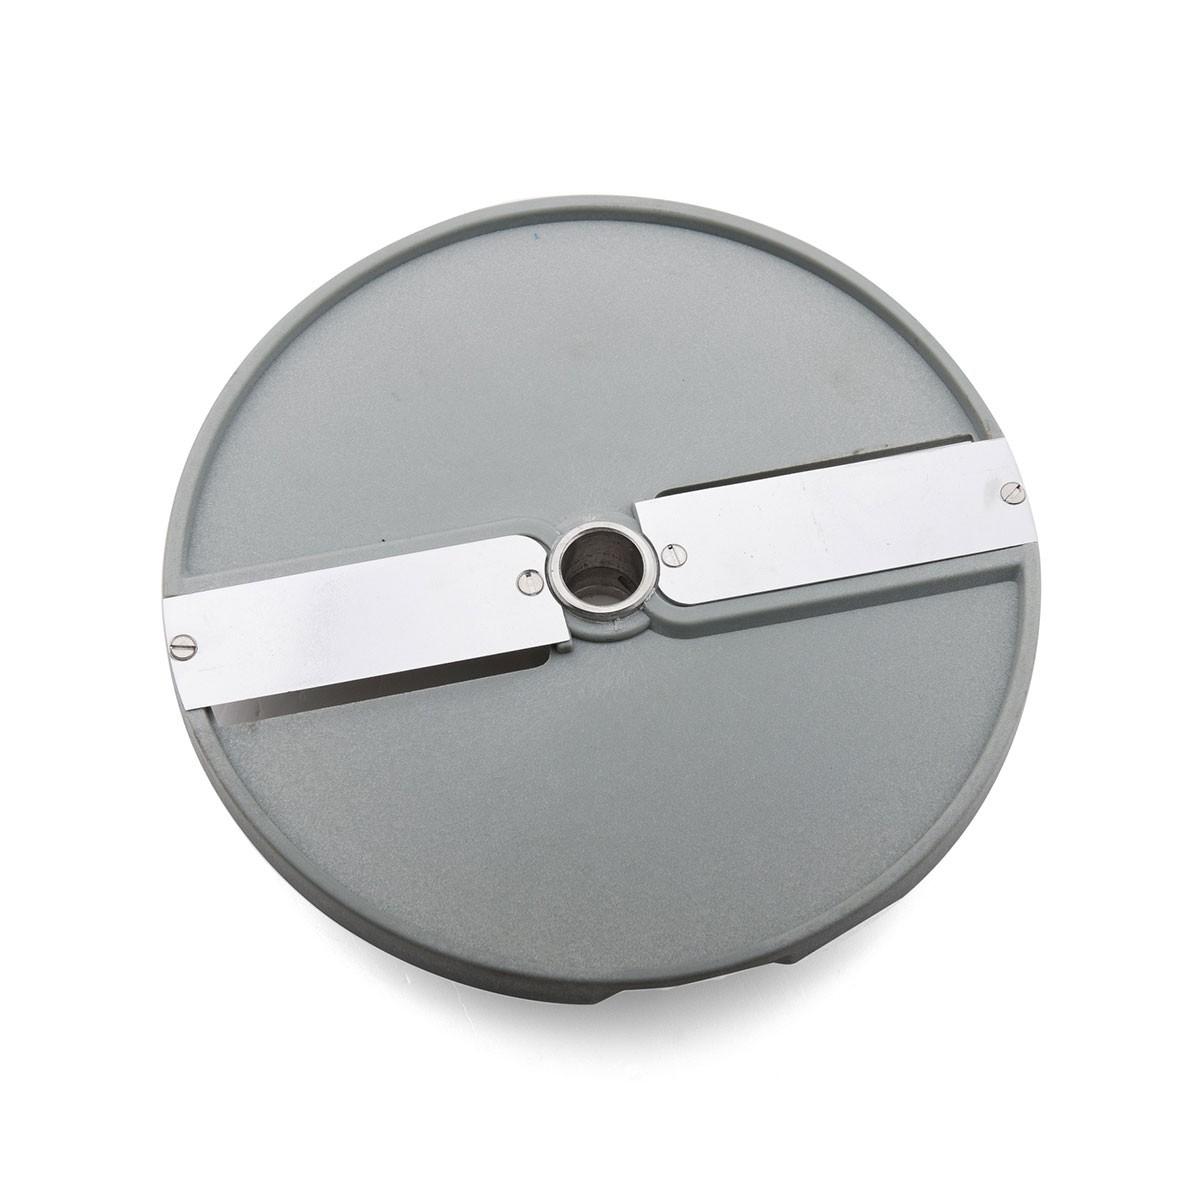 Saro Schneidescheibe S004 aus Kunststoff - 4 mm